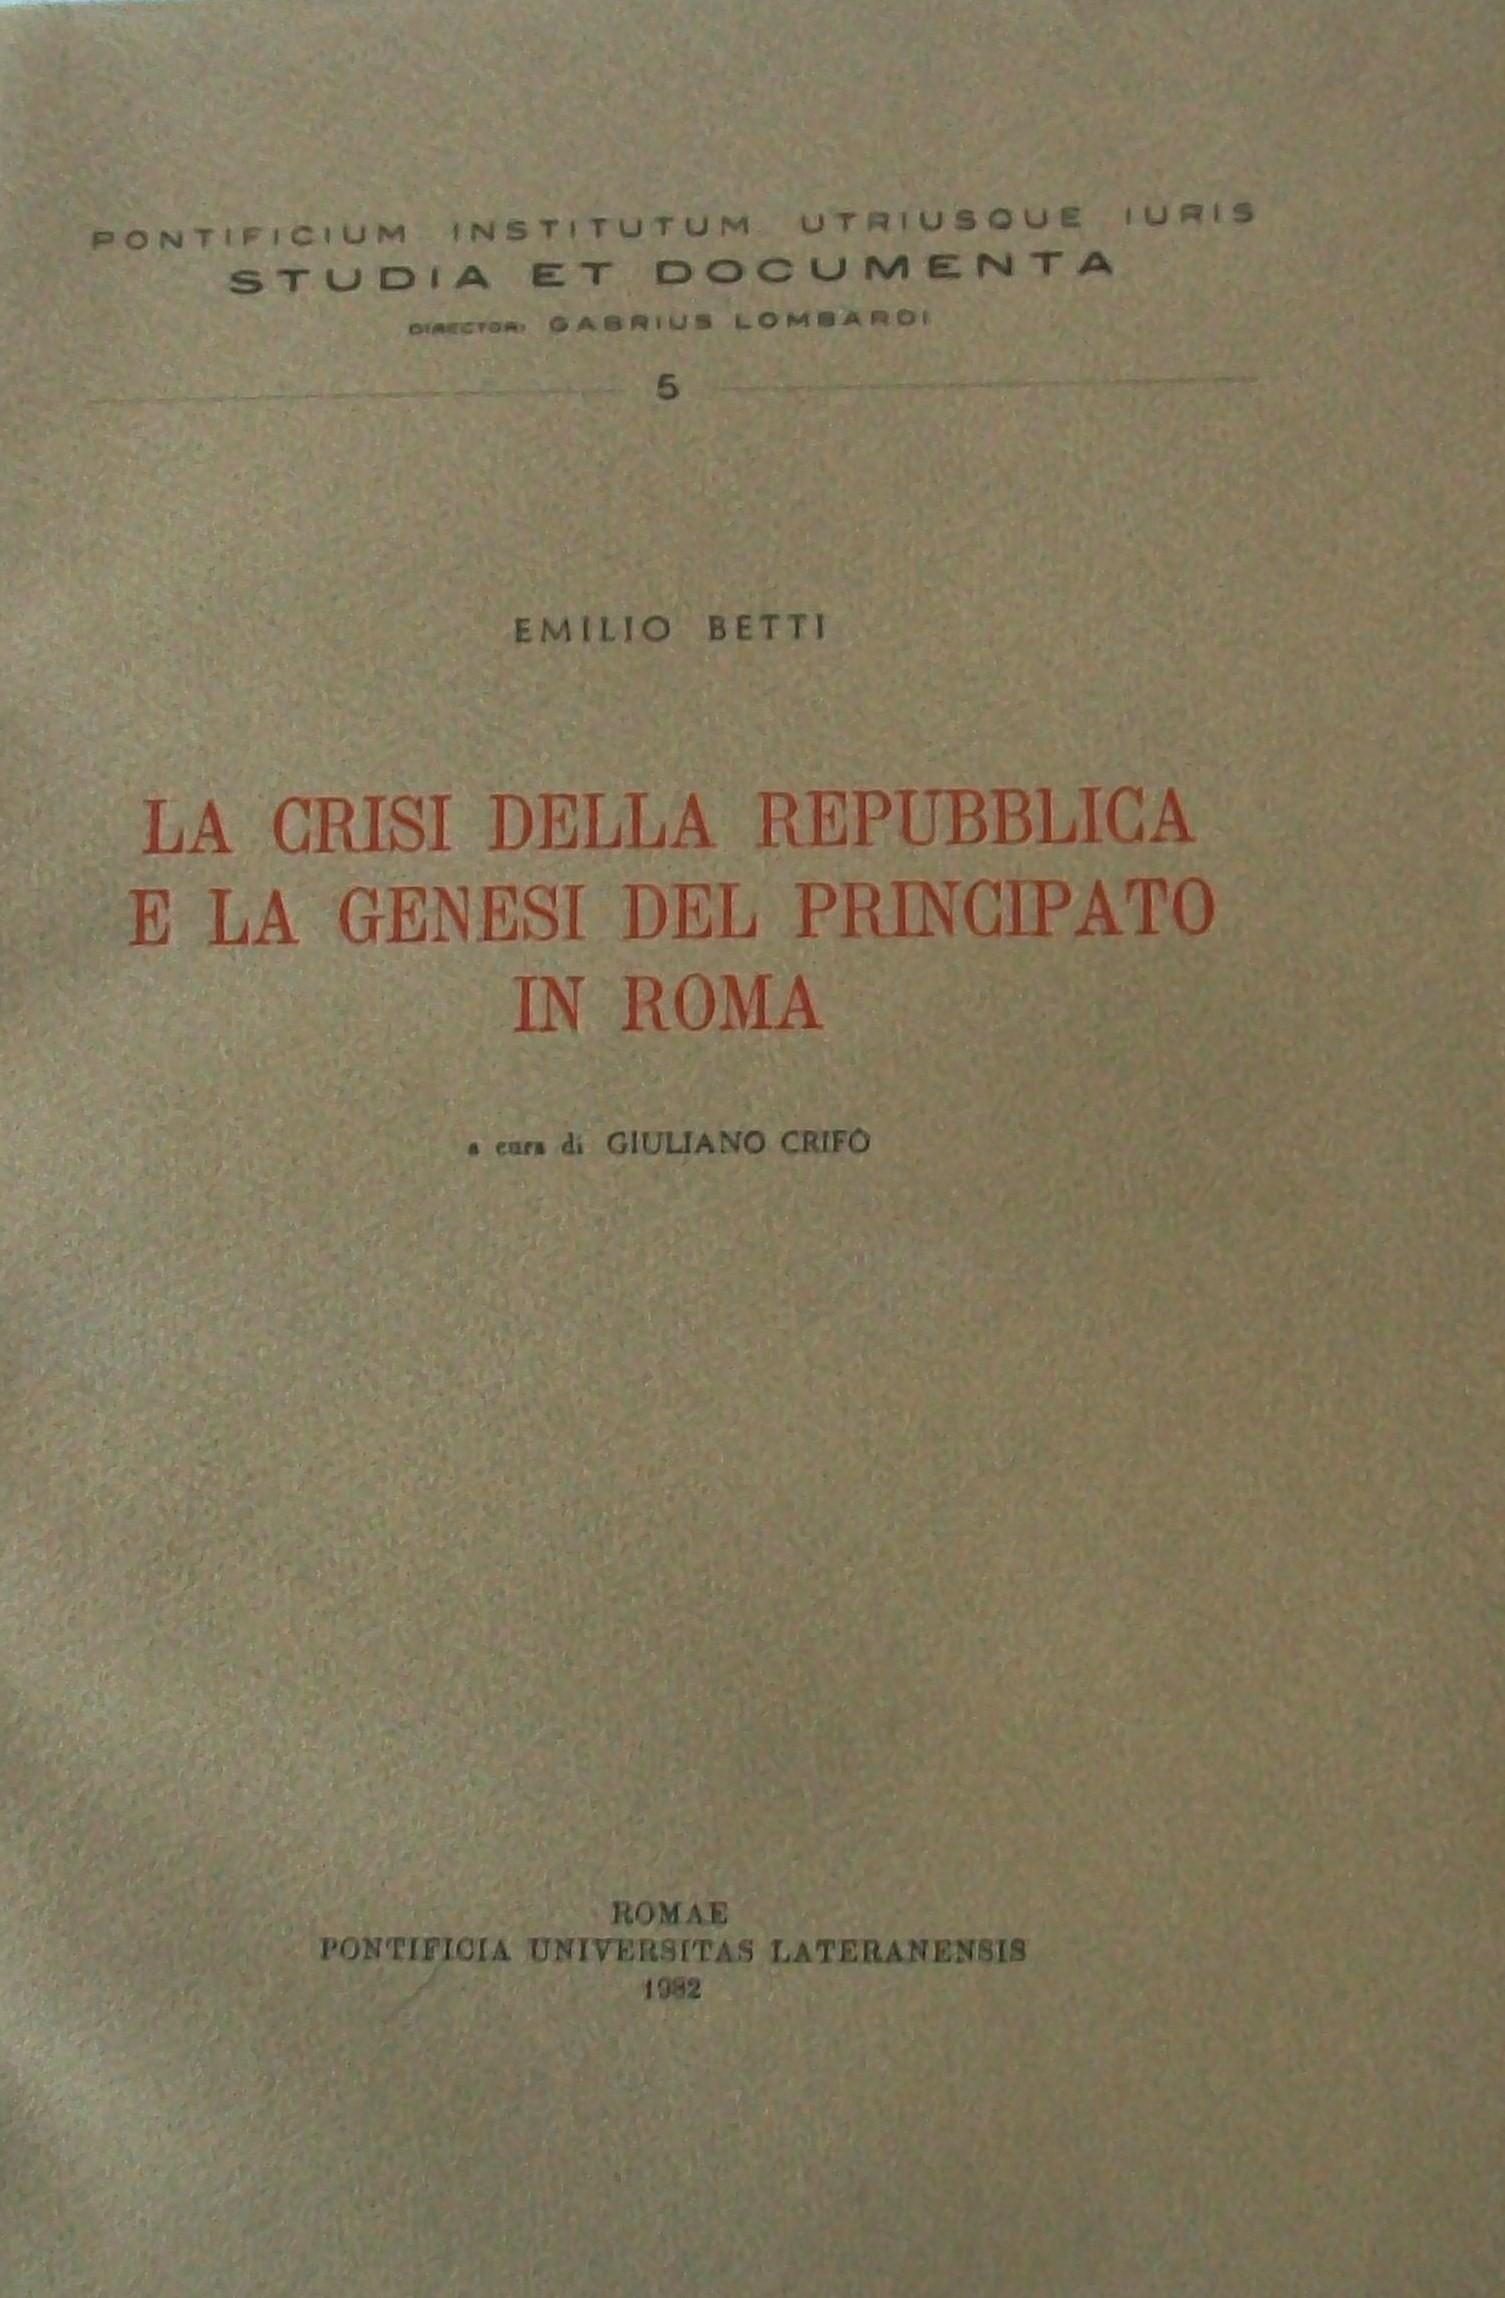 La crisi della Repubblica e la genesi del Principato in Roma